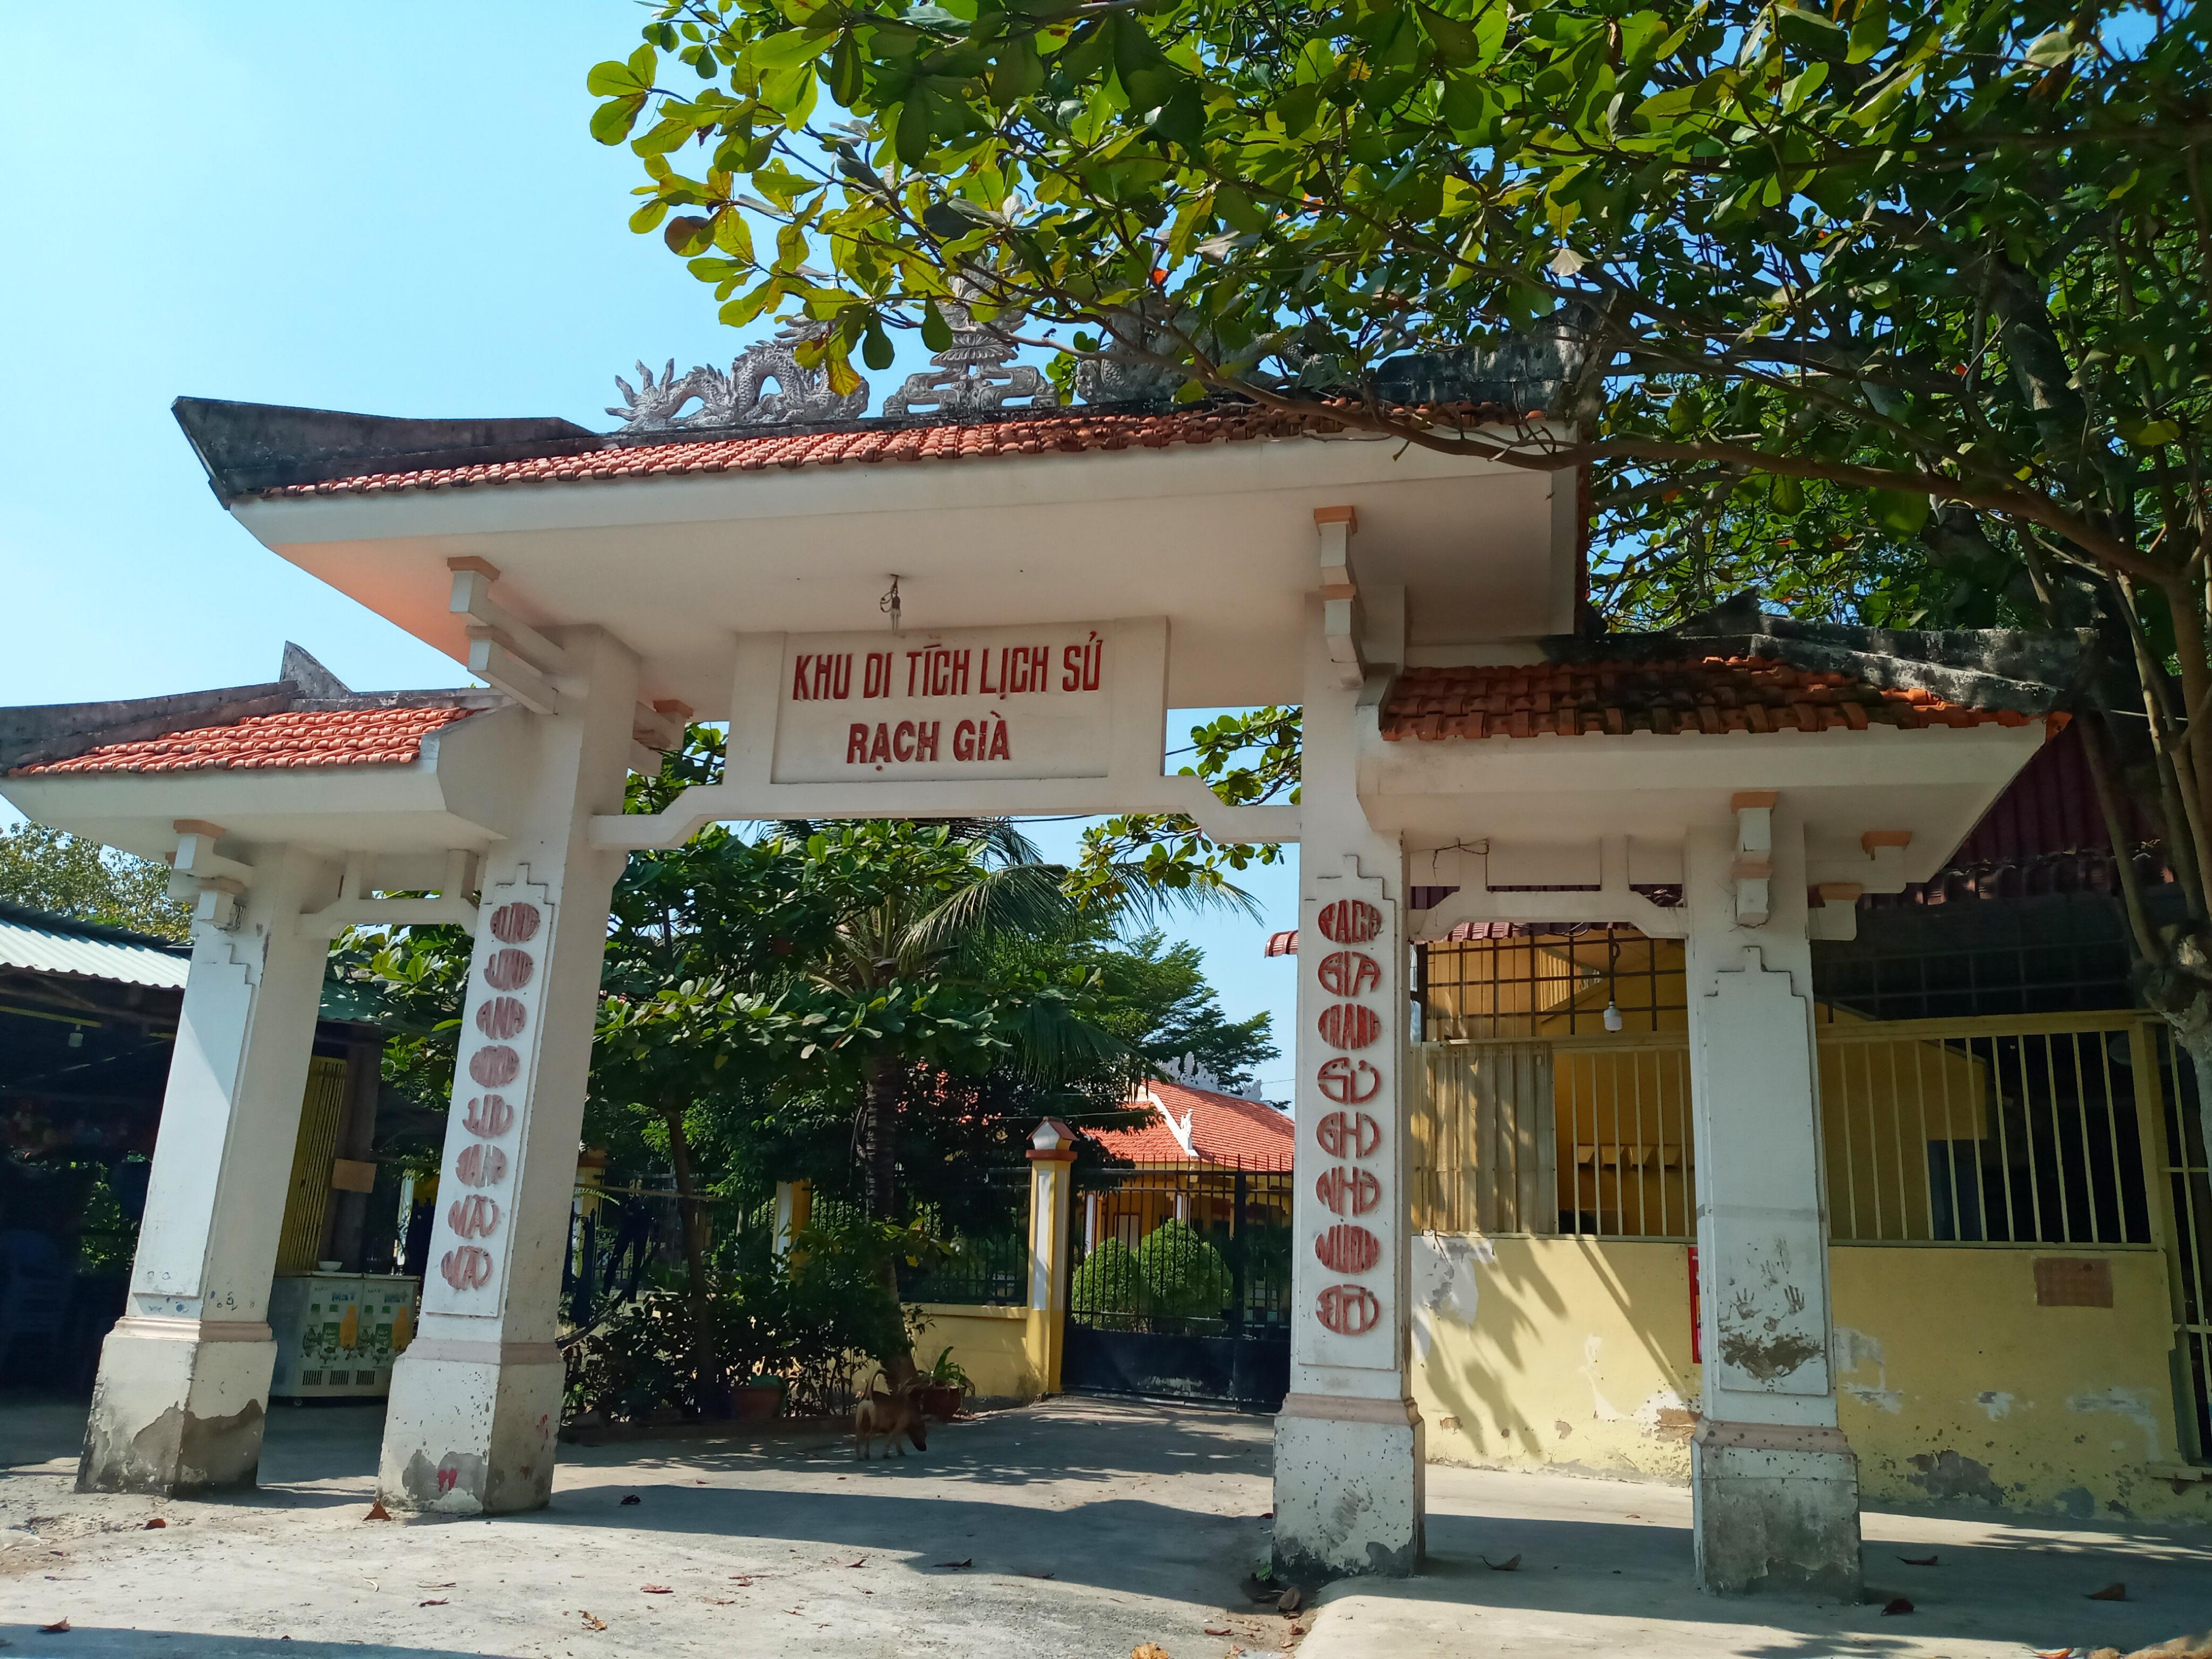 Thăm Di tích lịch sử đền Rạch Già ở huyện Bình Chánh - Hồ Chí Minh